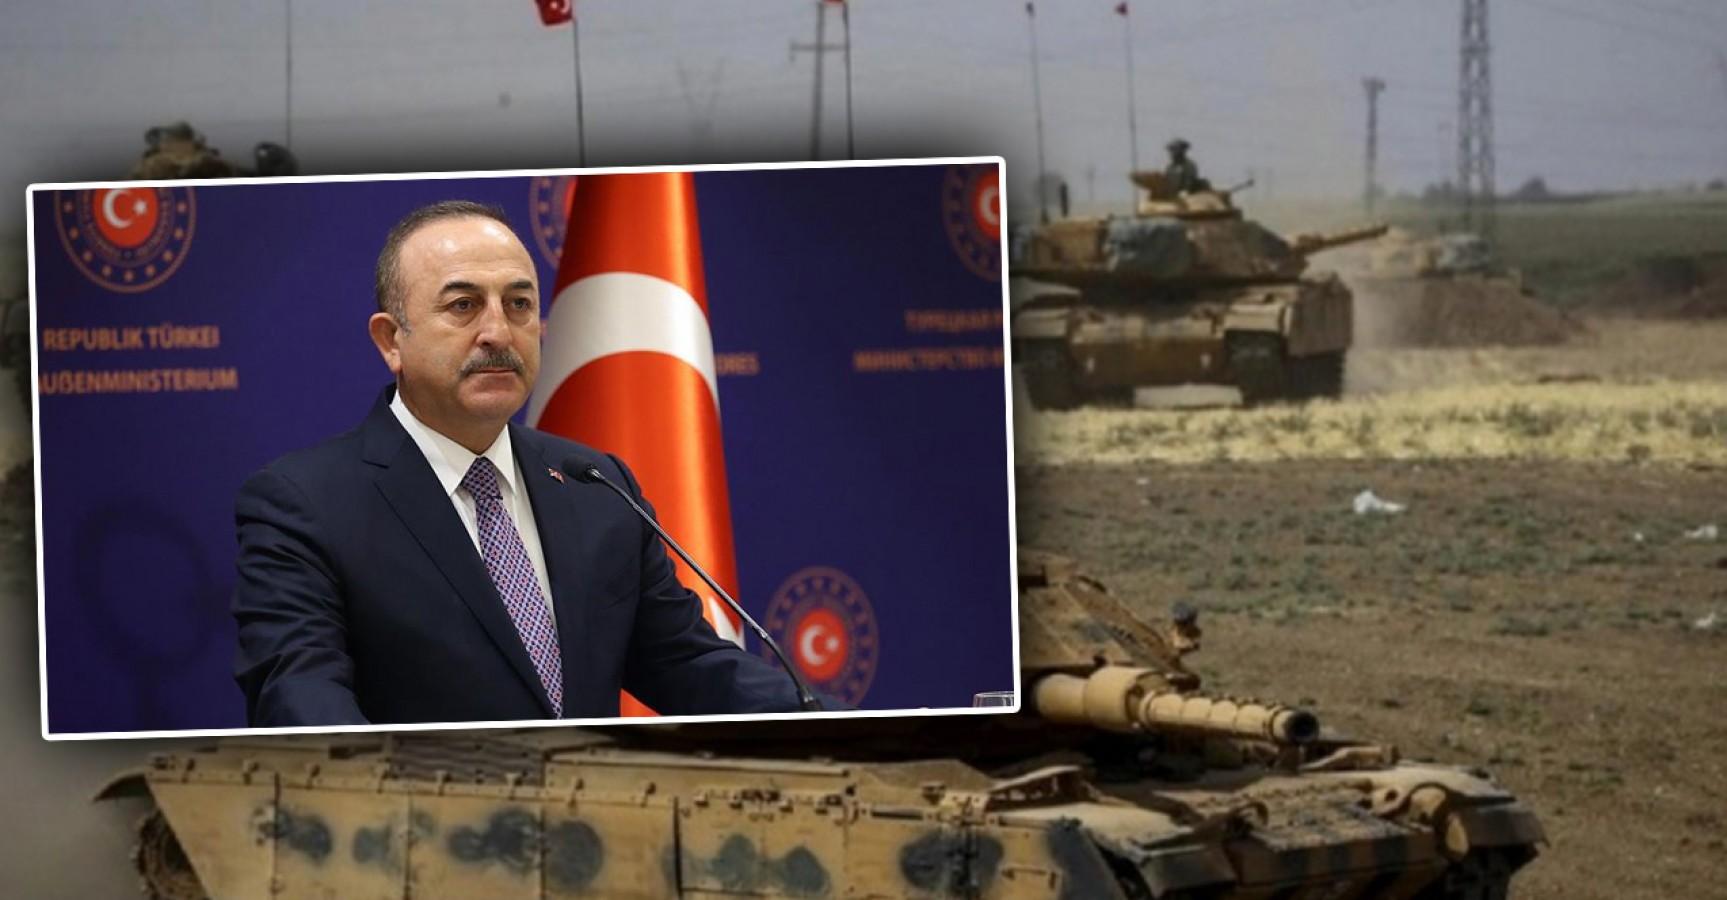 Bakan Çavuşoğlu'ndan Suriye'ye yeni askeri harekat sinyali